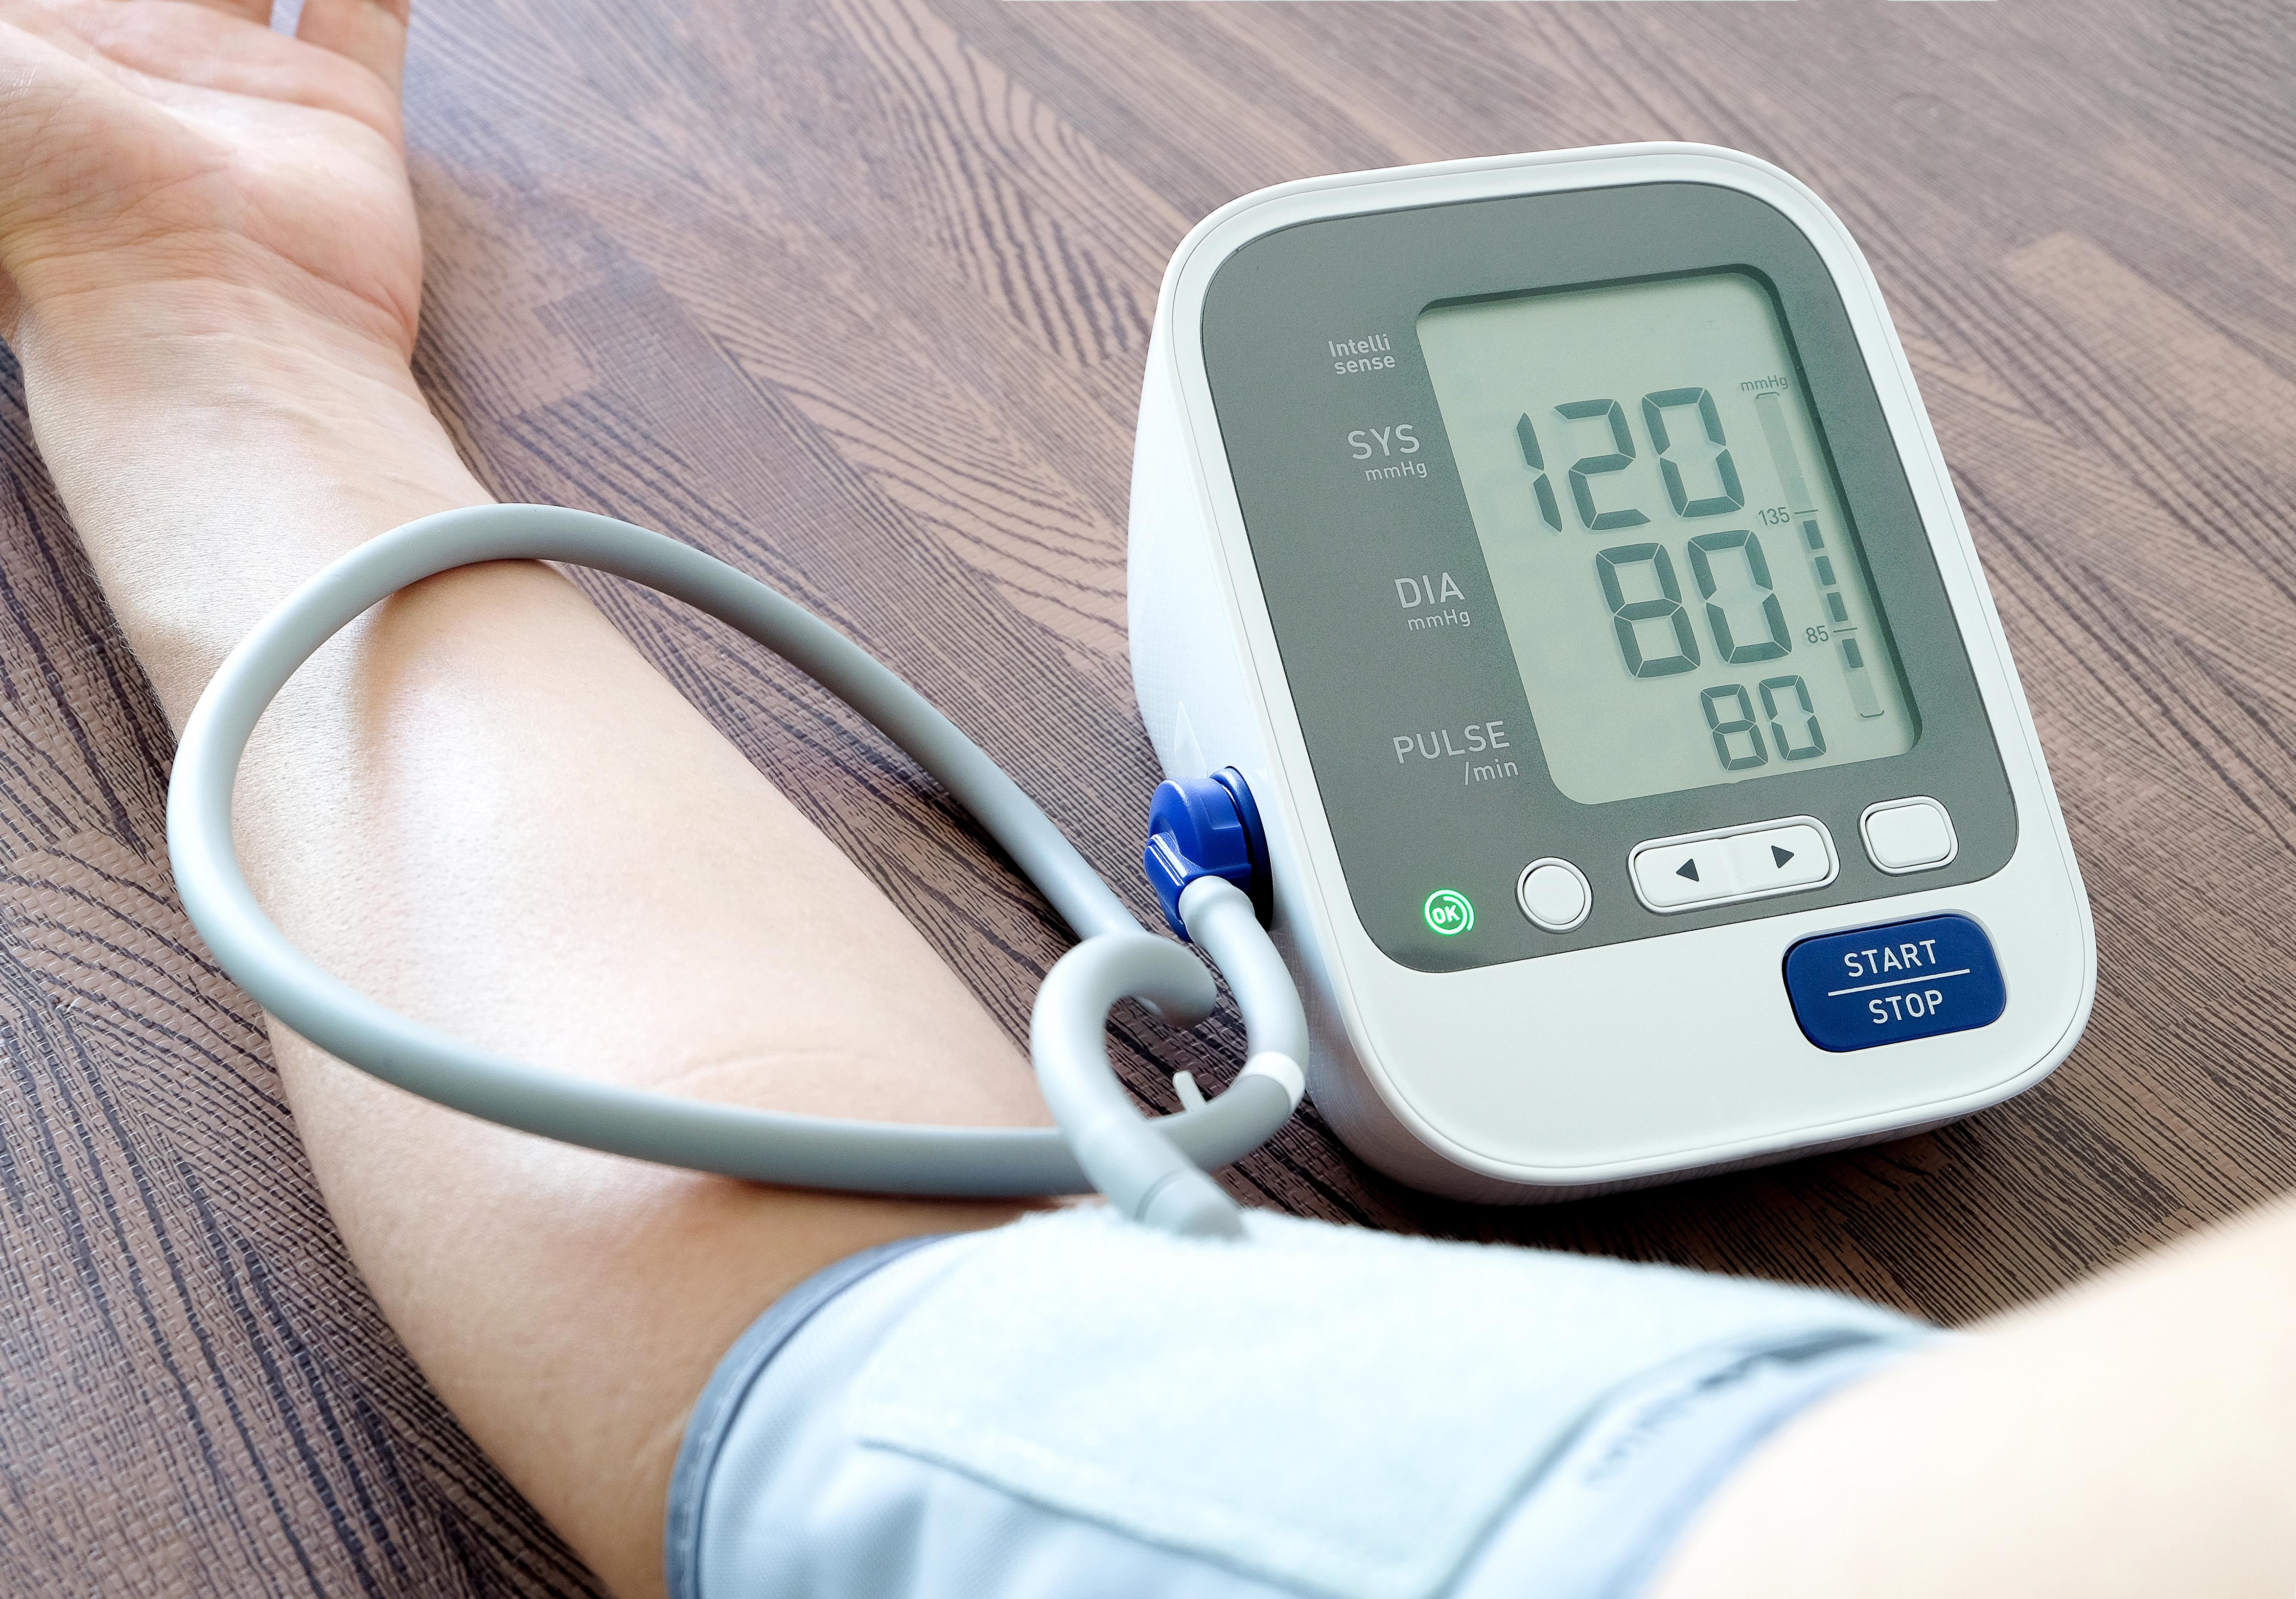 blodtryksmåling værdier